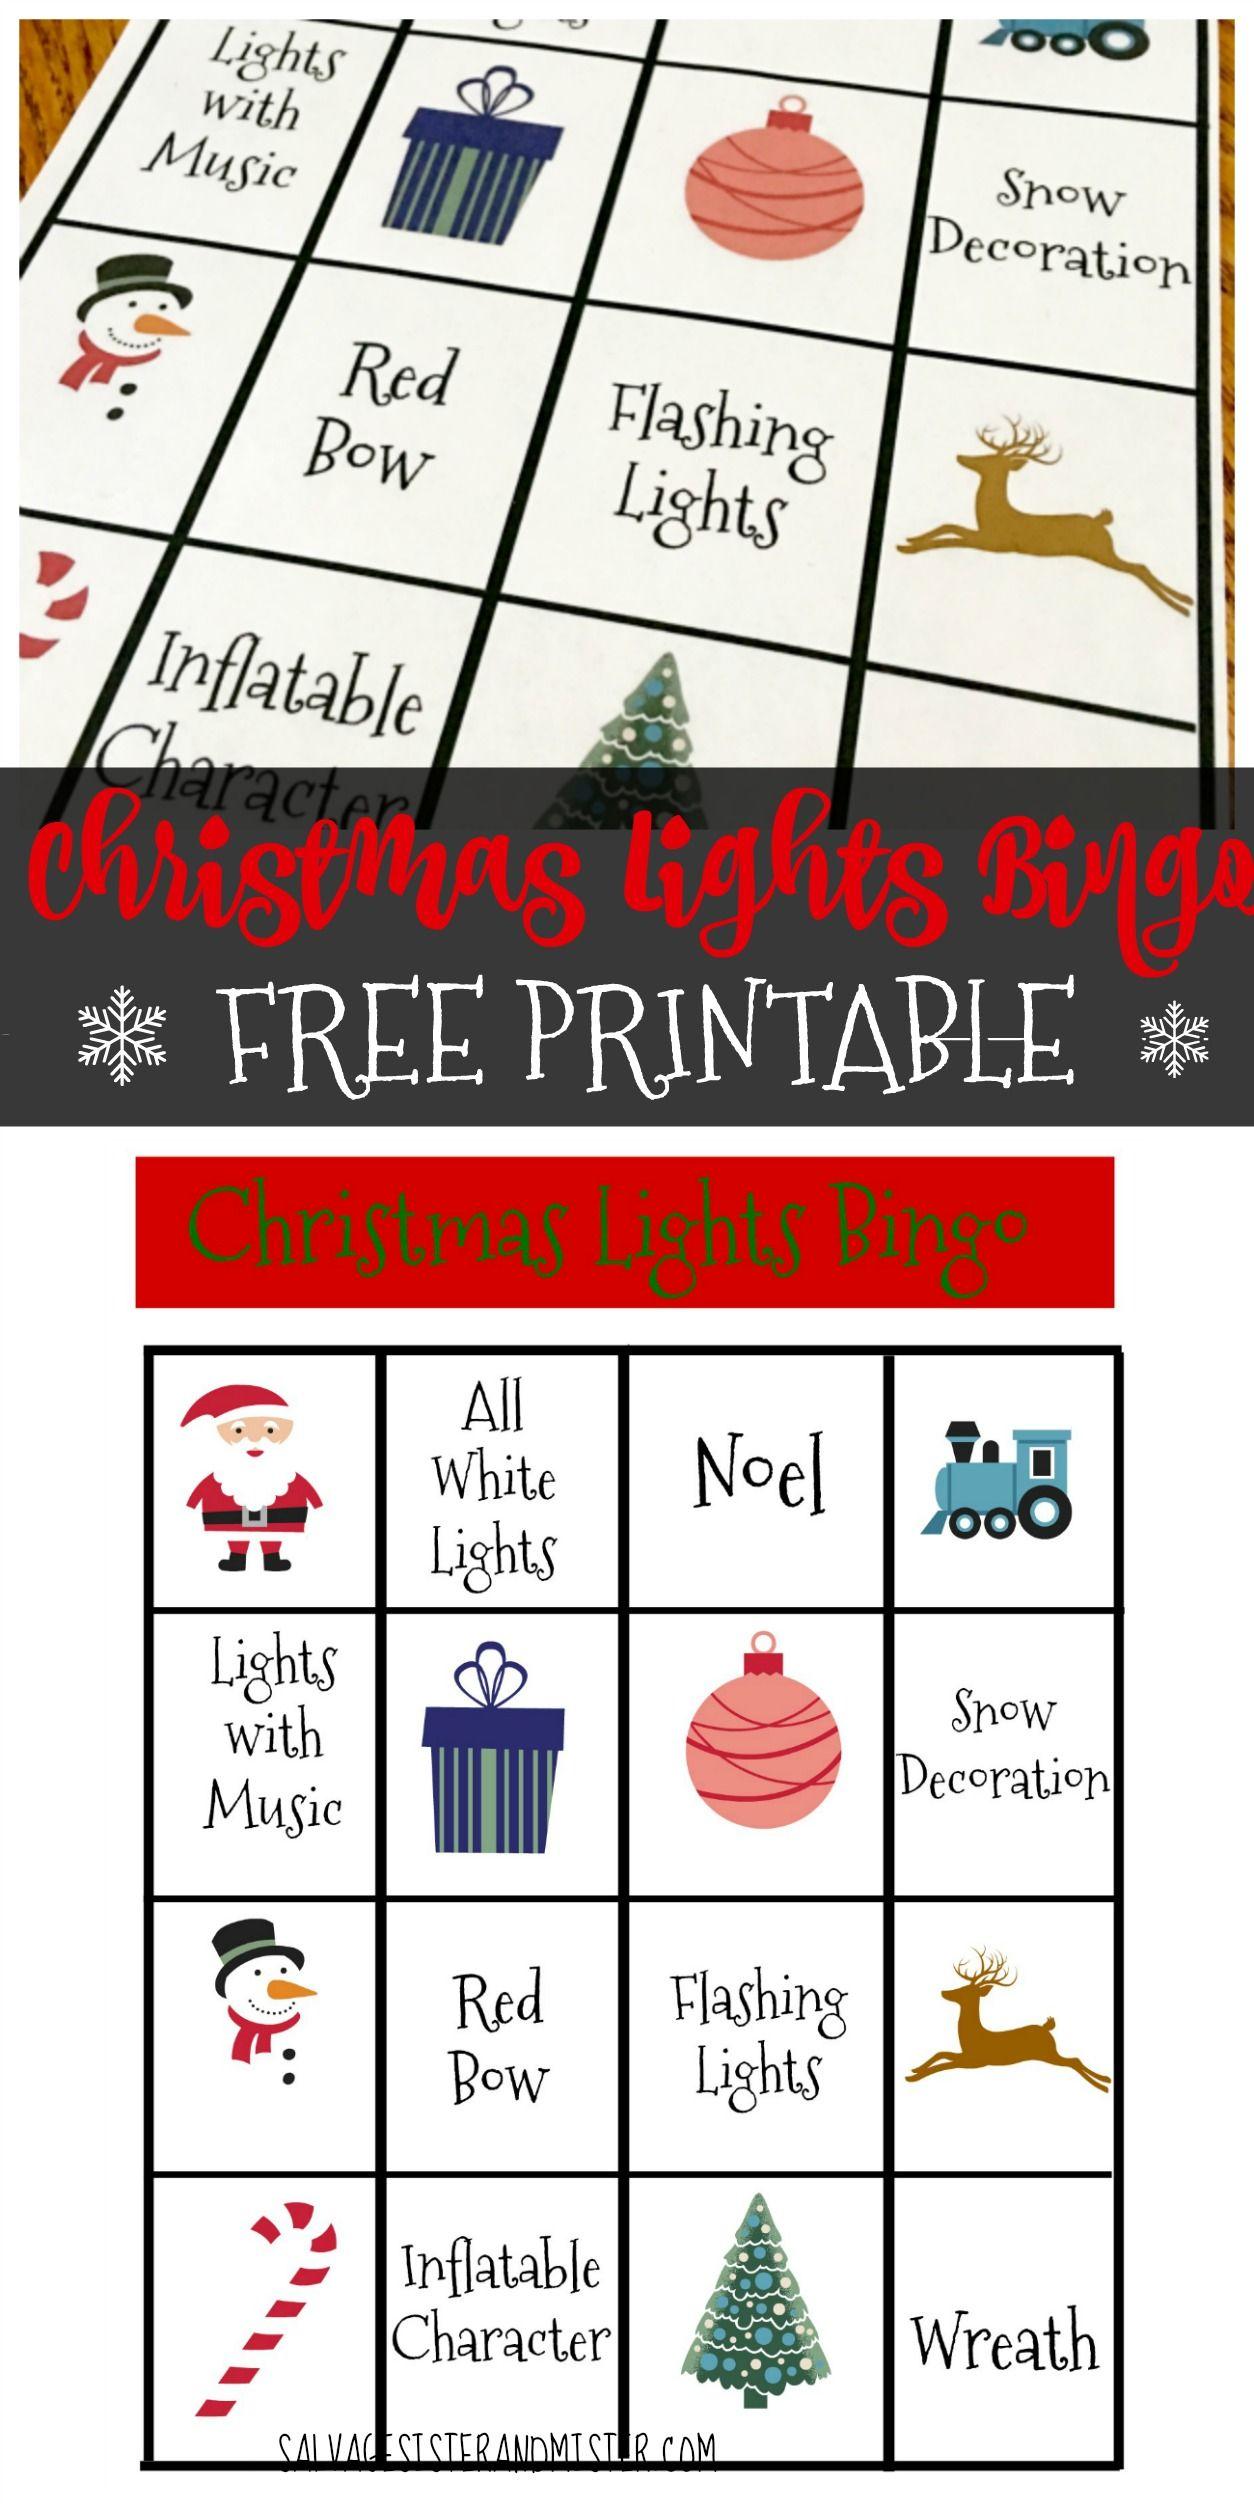 Christmas Lights Bingo Free Printable